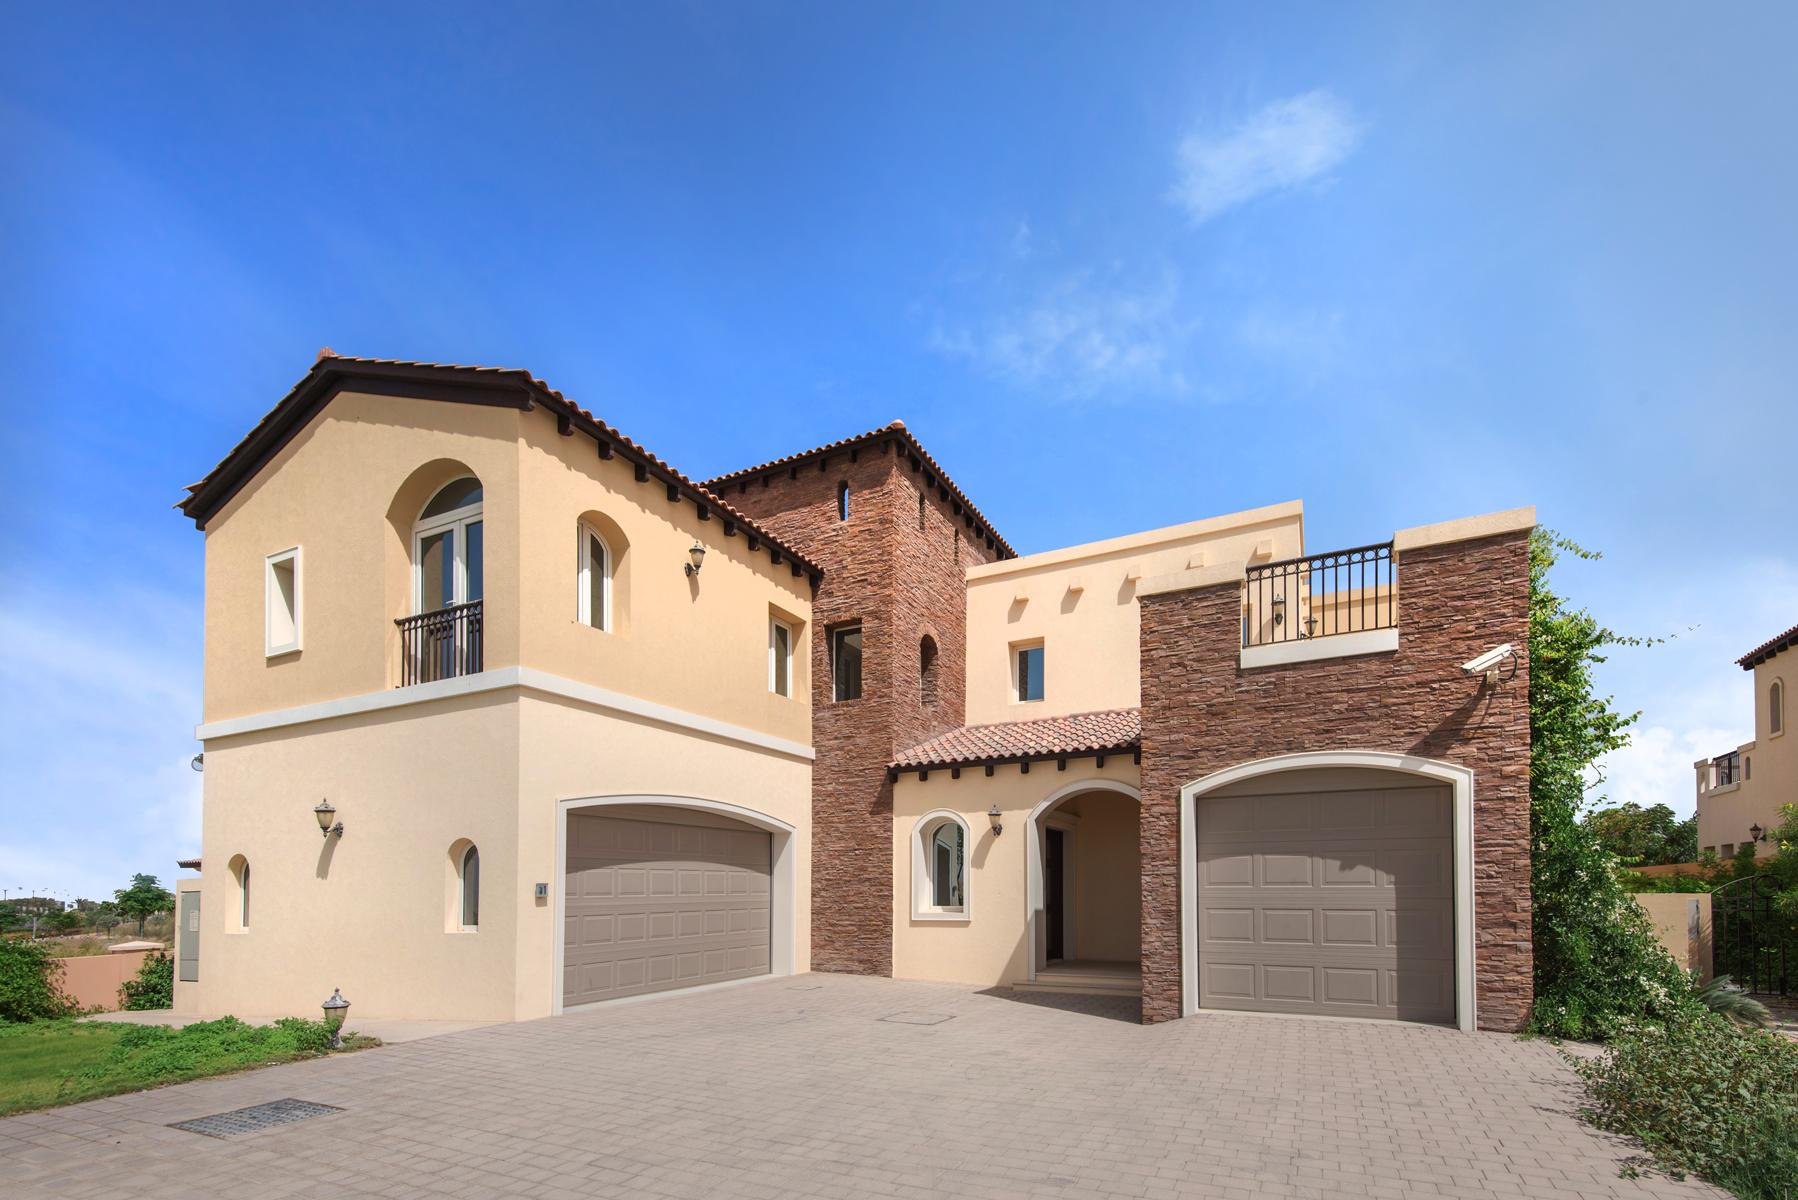 Single Family Home for Sale at Golf Course Living Dubai, Dubai United Arab Emirates